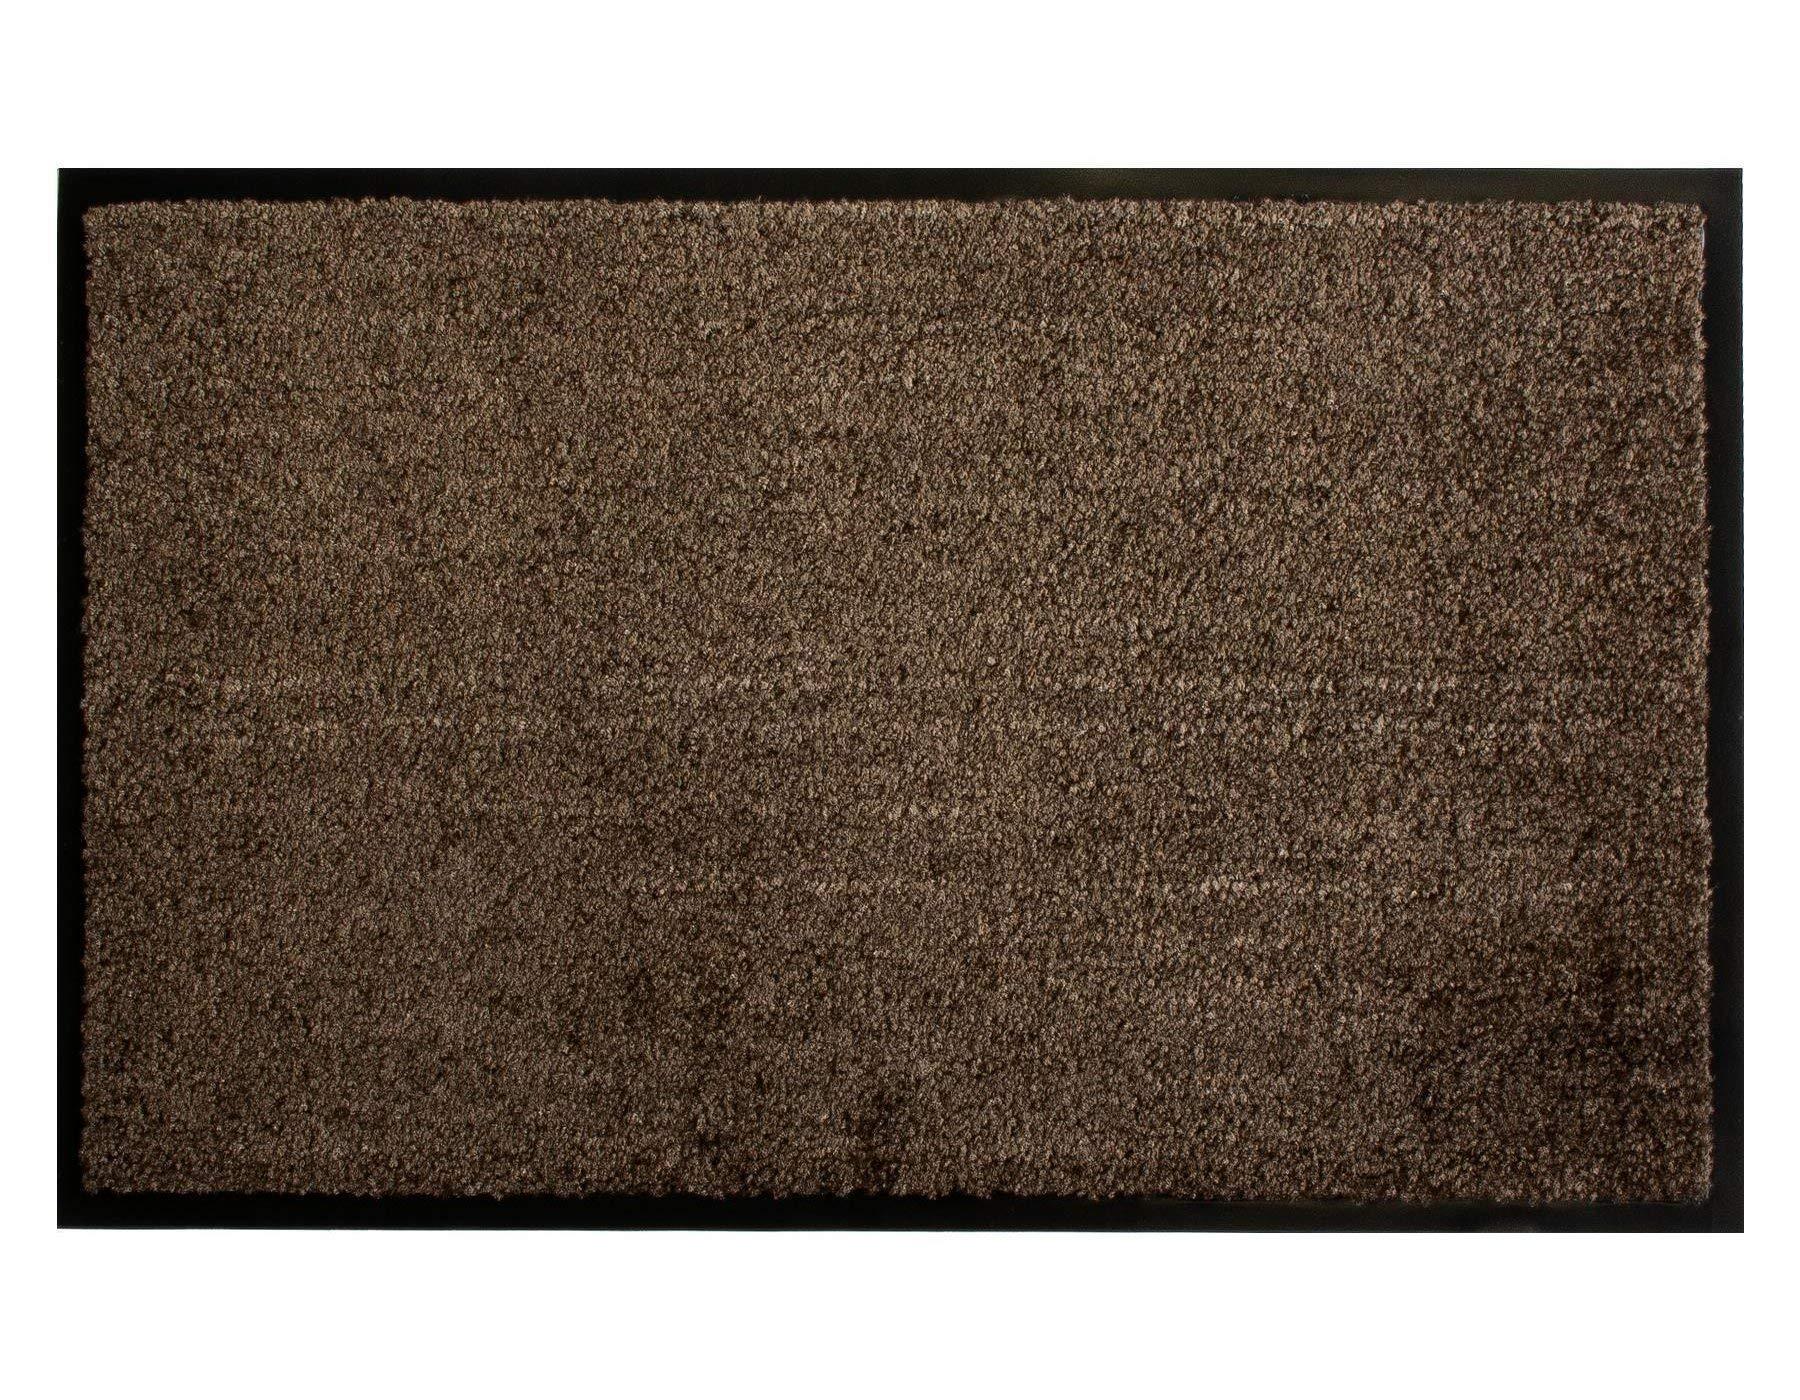 Fußboden Matten Eingangsbereich ~ Am besten bewertete produkte in der kategorie fußmatten amazon